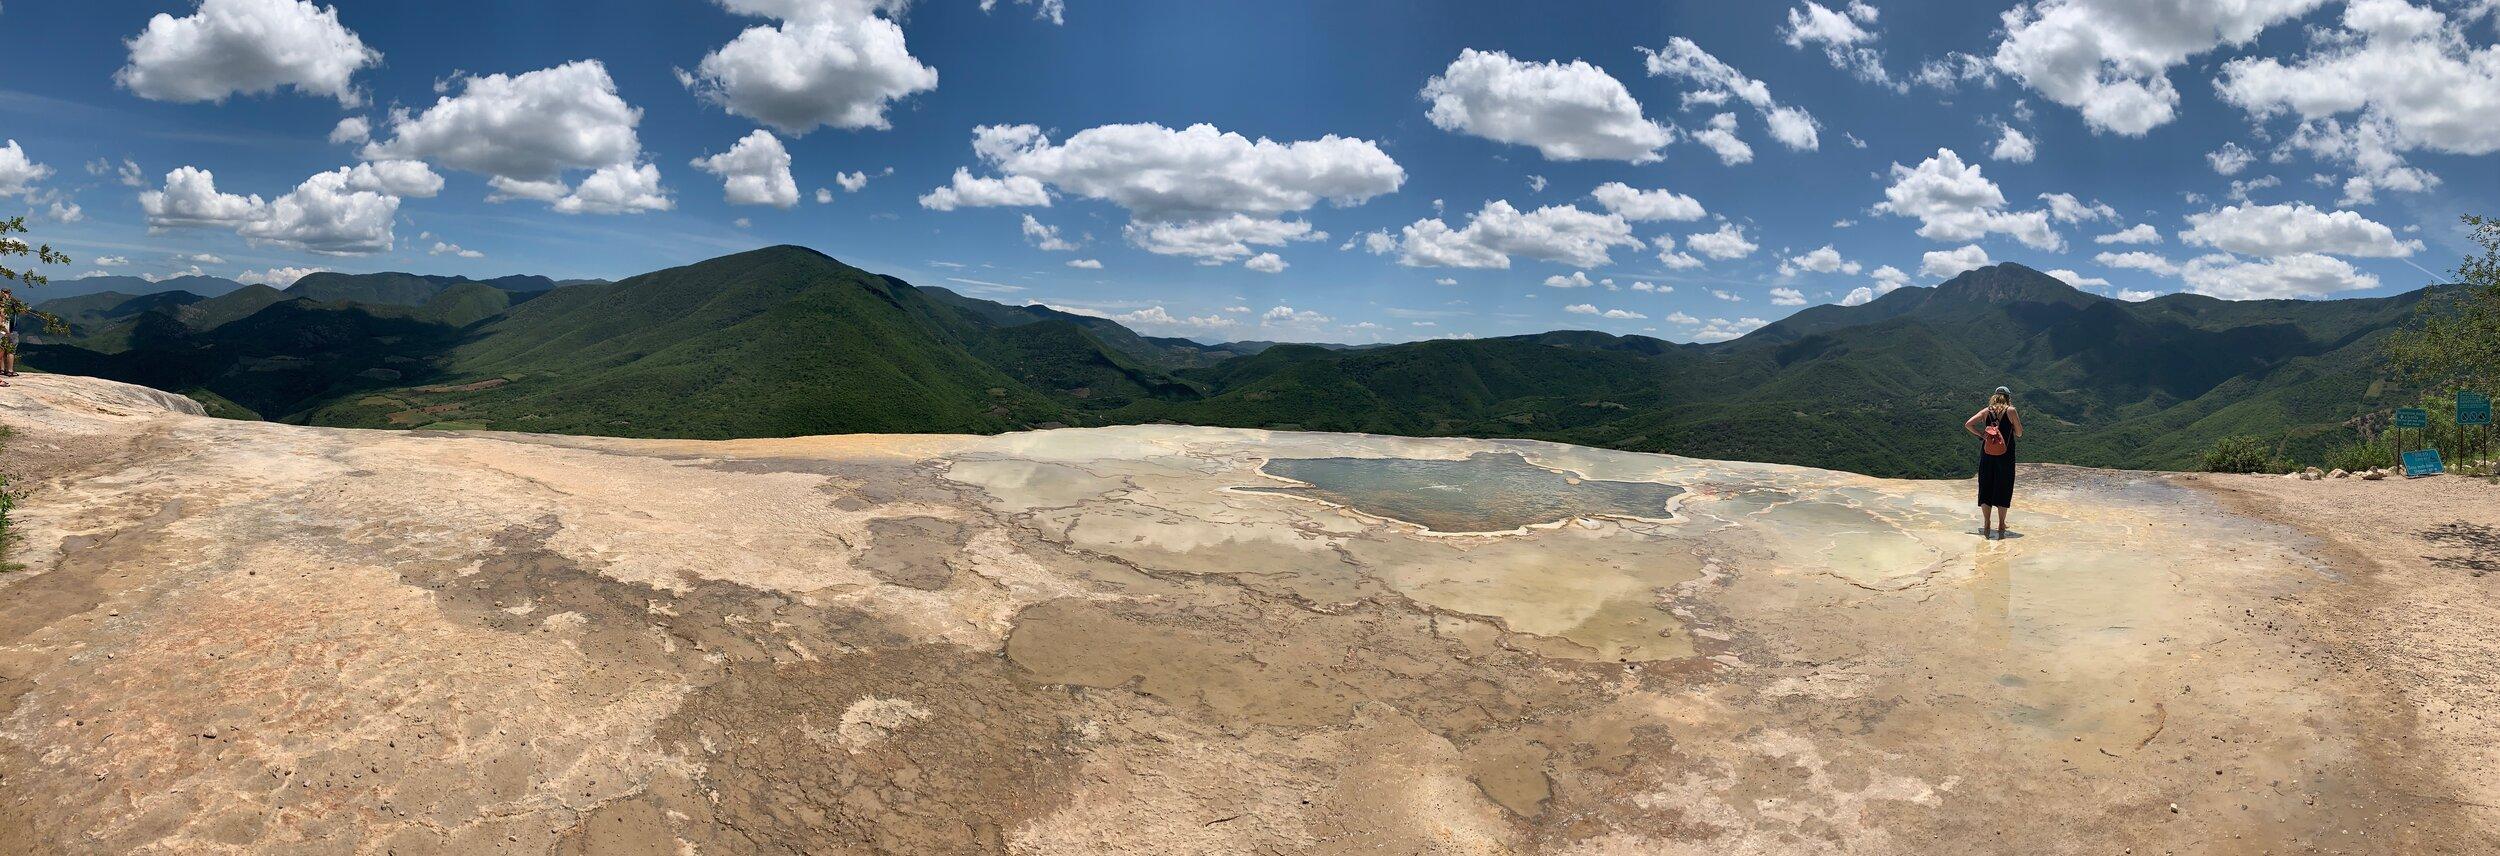 Hierve el Aqua // Oaxaca, Mexico